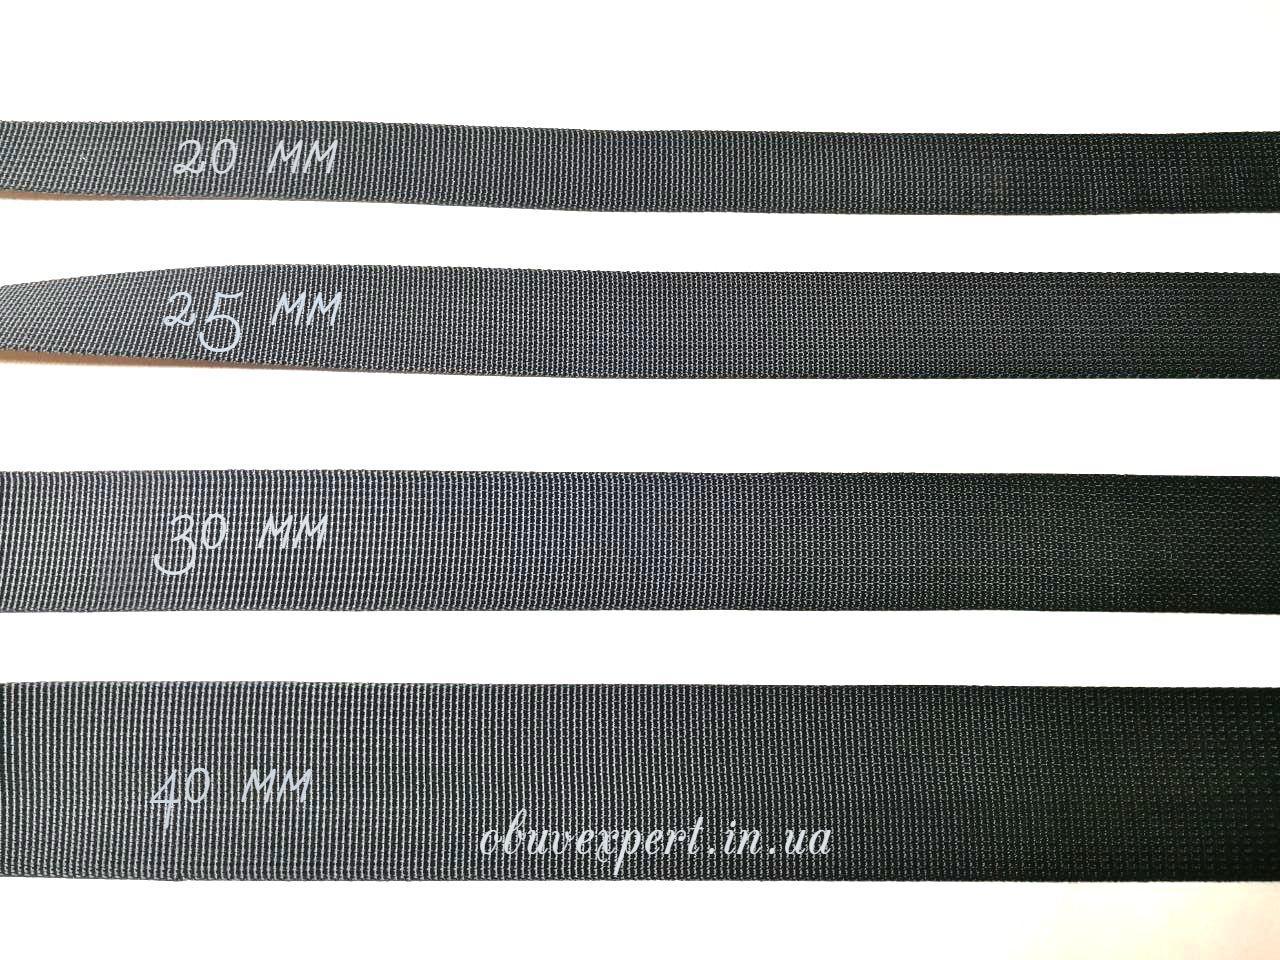 Ременная лента 25 мм Репсовое плетение, цв. черный